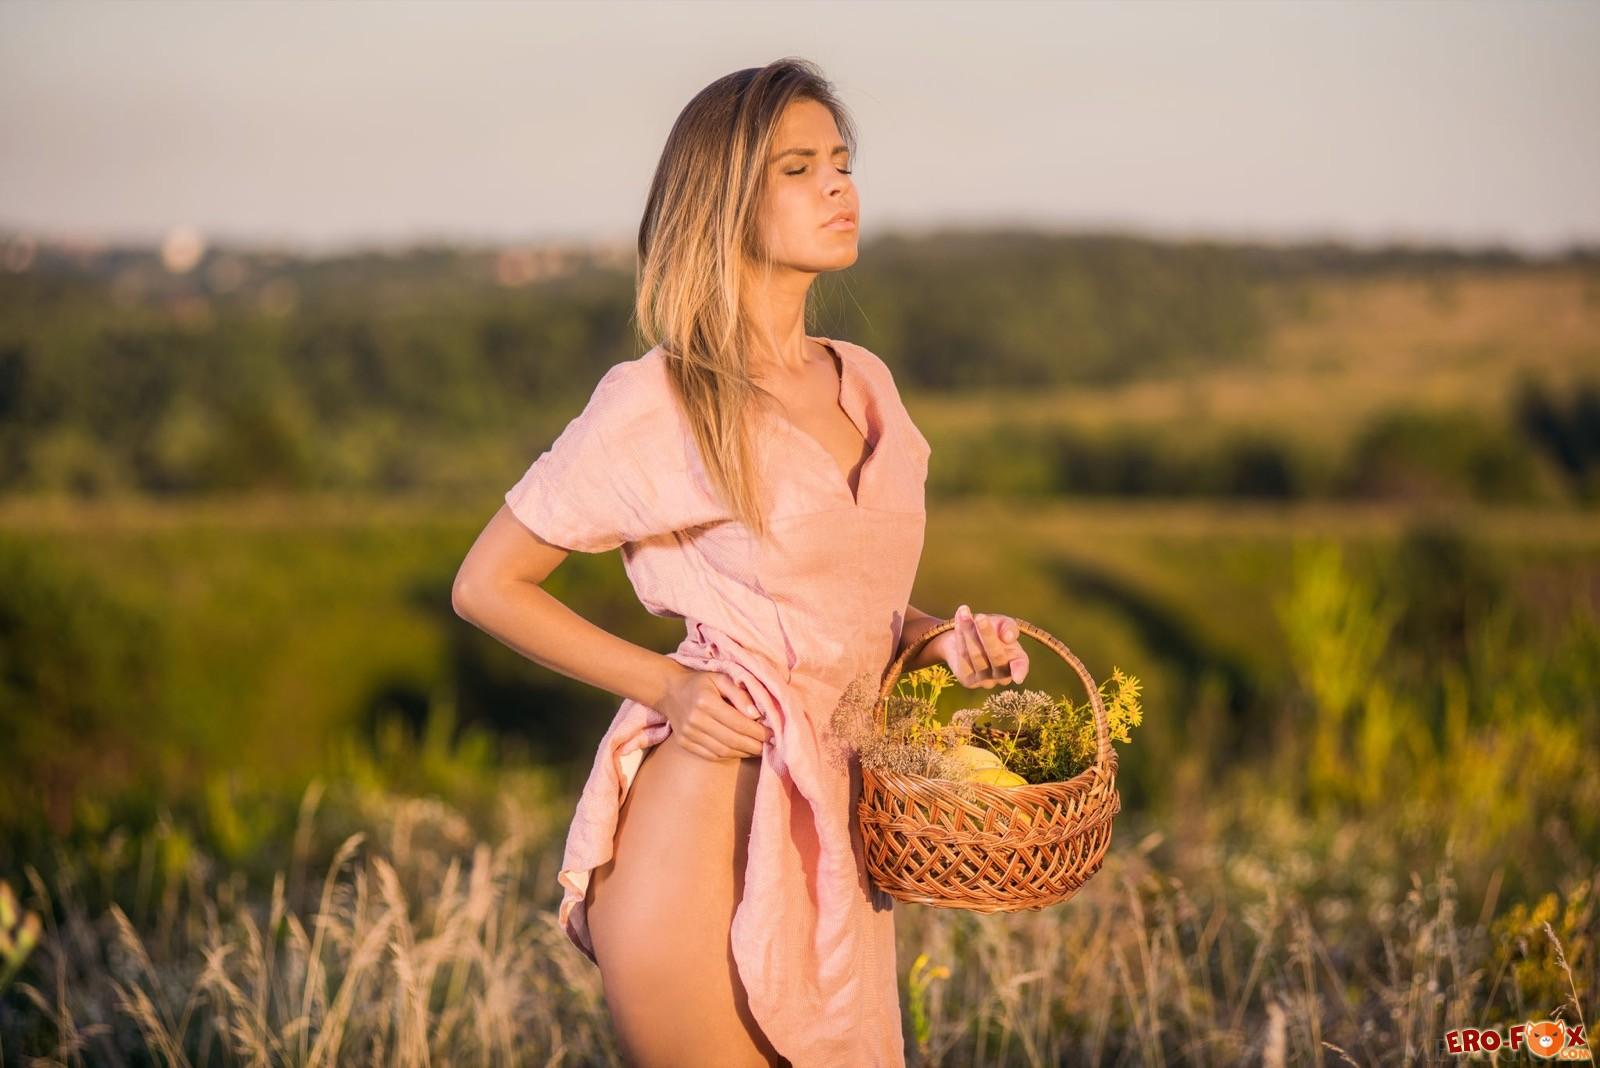 Красотка сняла платье показав сексуальное тело в поле - фото